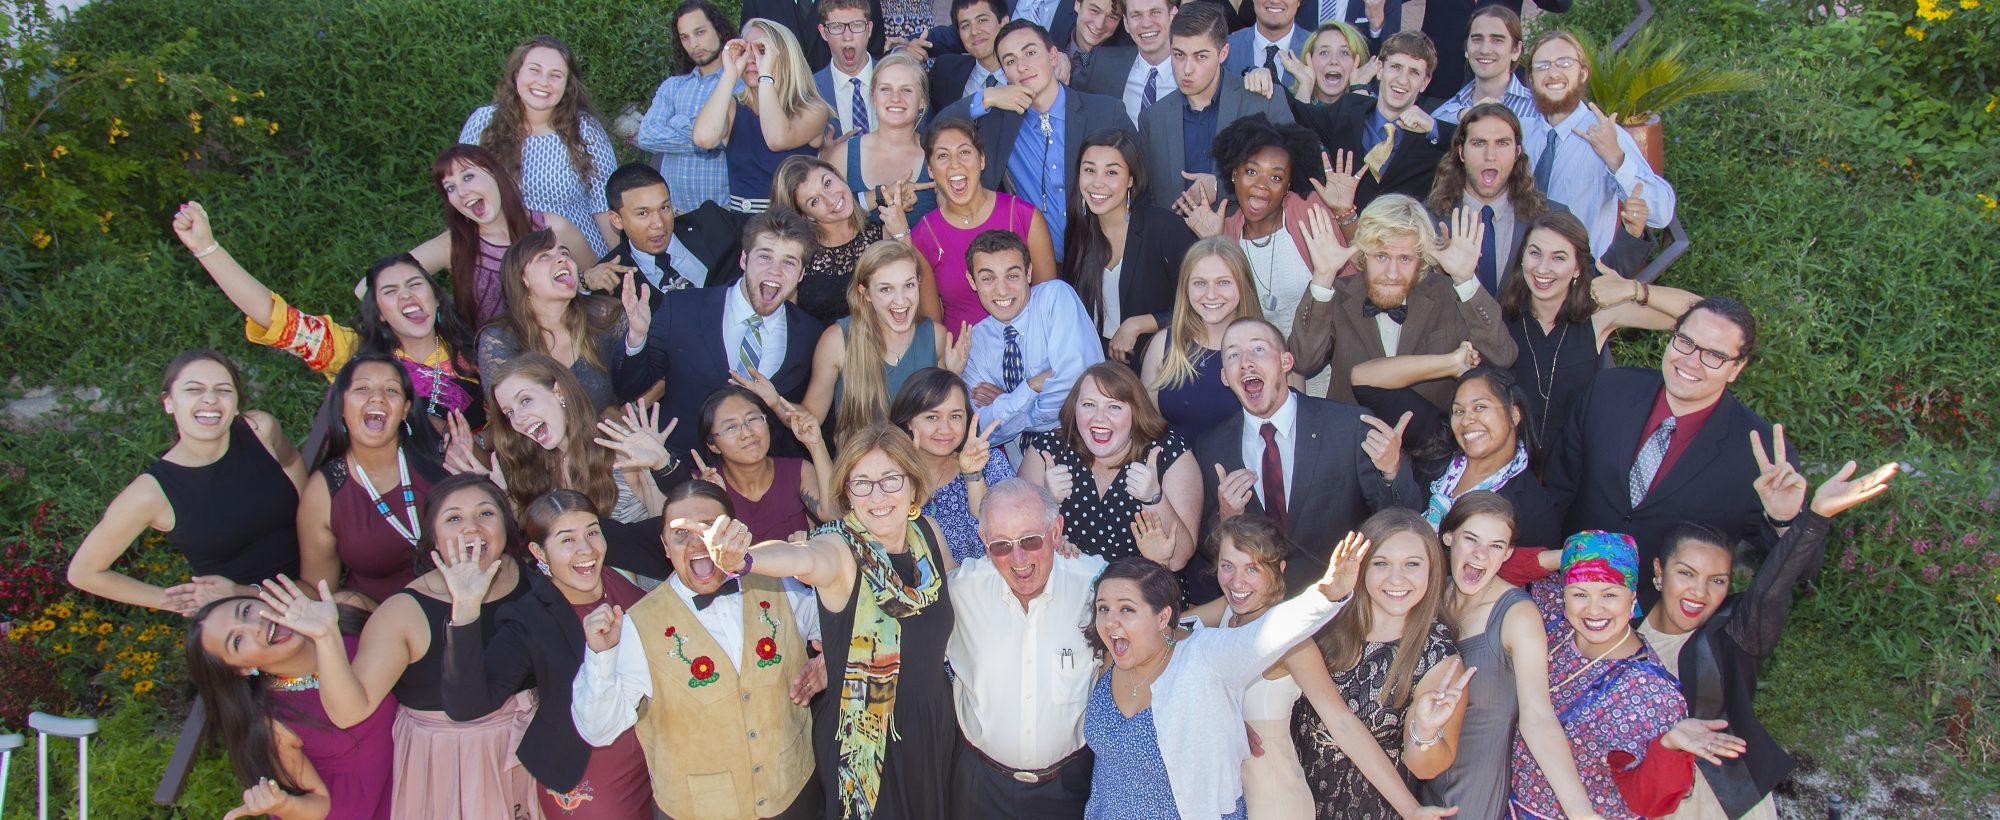 Udall Alumni Association